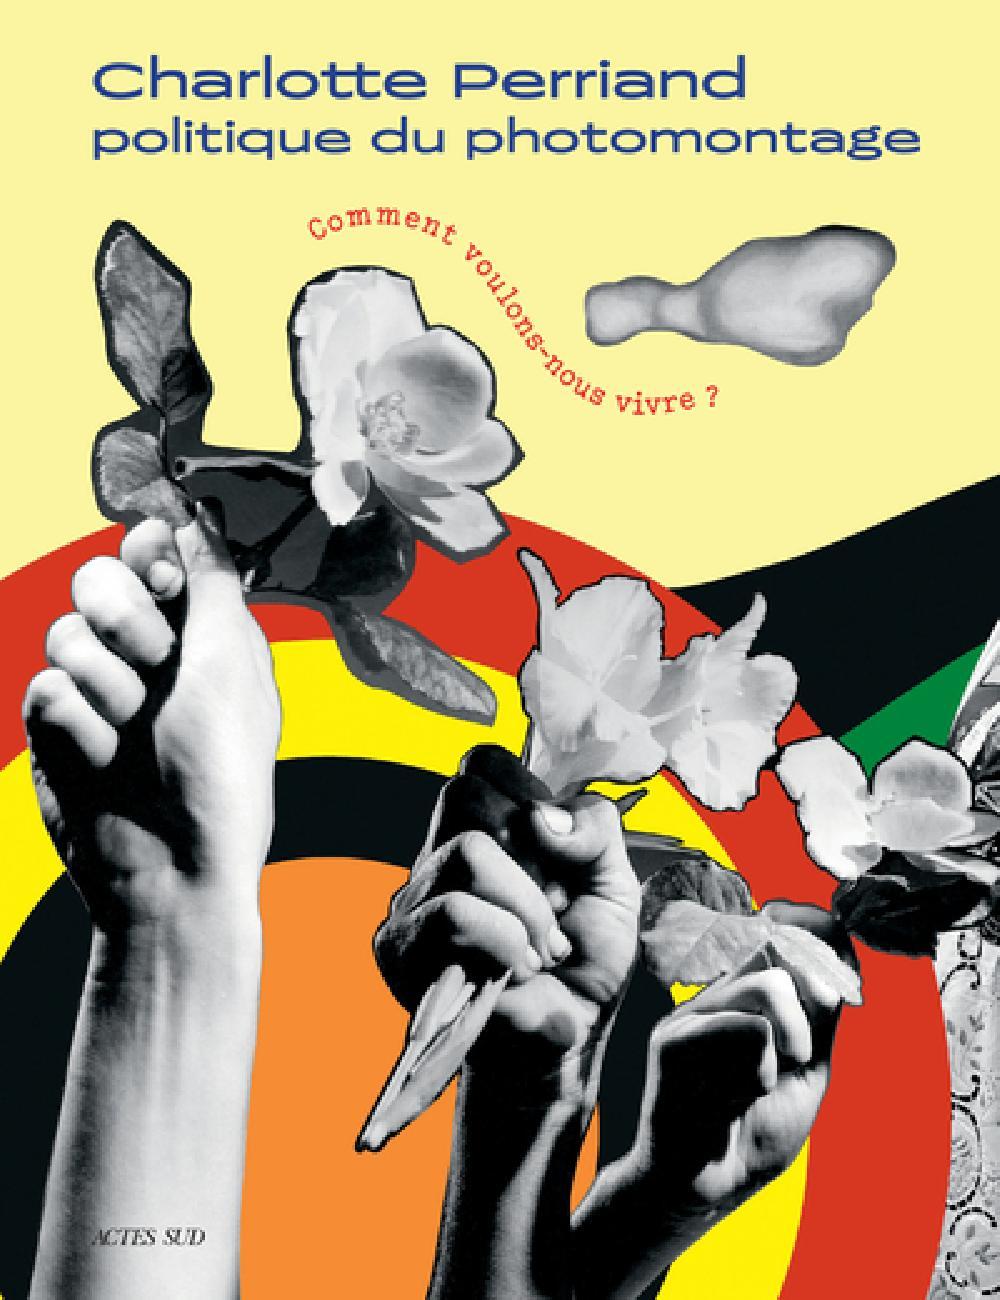 Charlotte Perriand - Politique du photomontage - Comment voulons-nous vivre ?